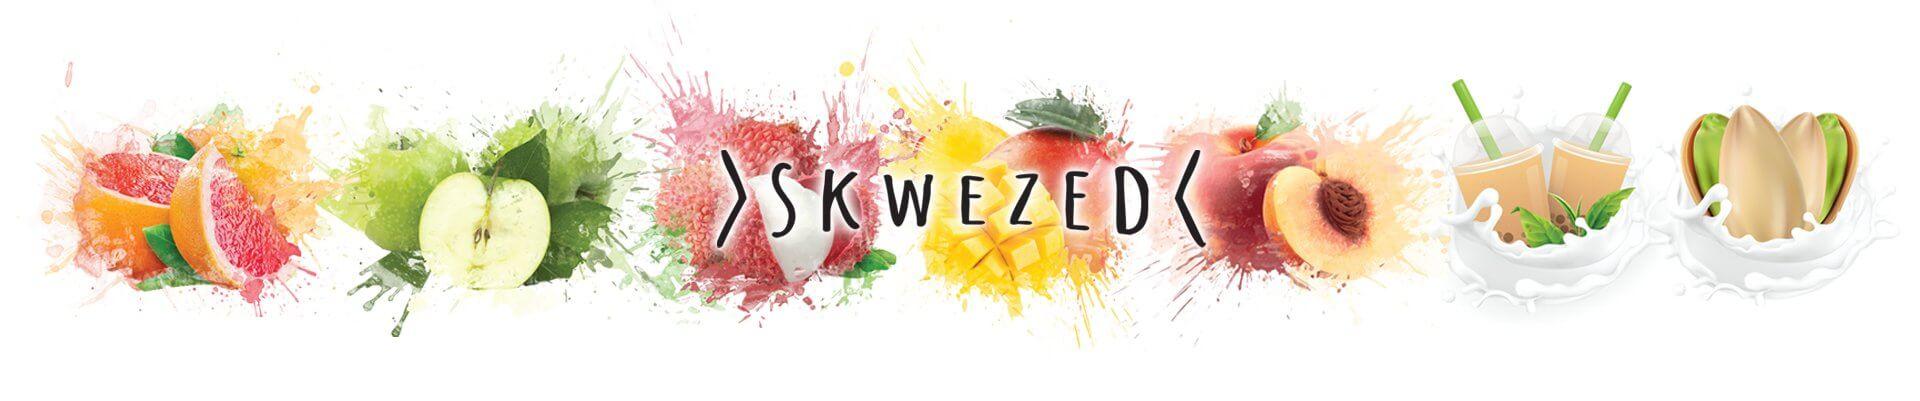 Купить премиум жидкость Skwezed в Киеве